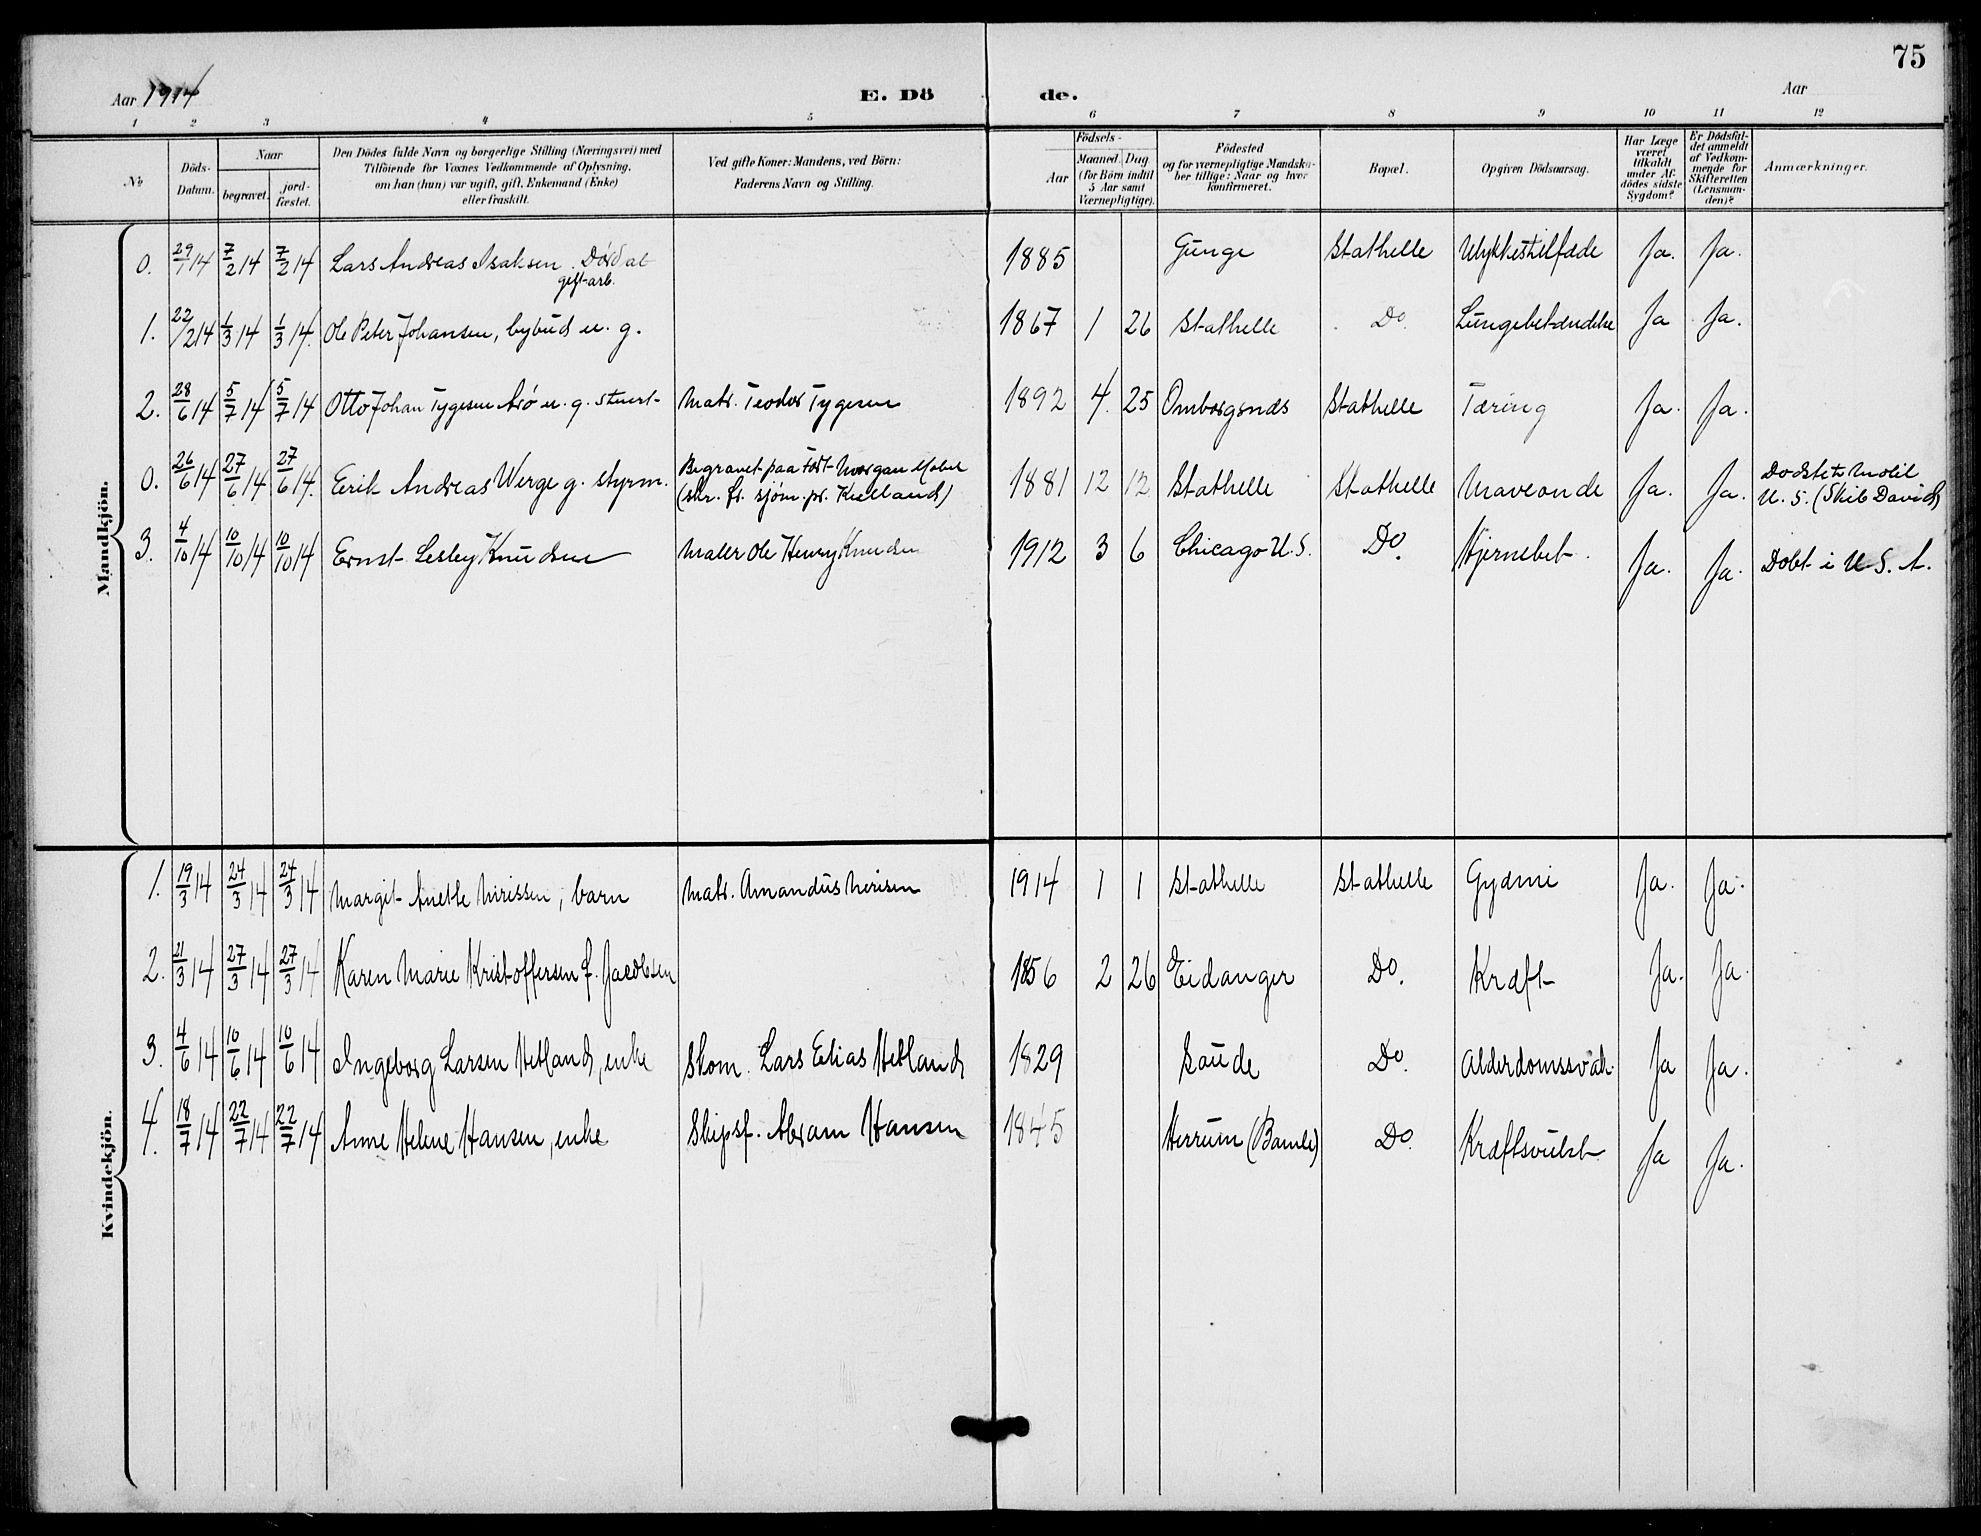 SAKO, Bamble kirkebøker, G/Gb/L0002: Klokkerbok nr. II 2, 1900-1925, s. 75